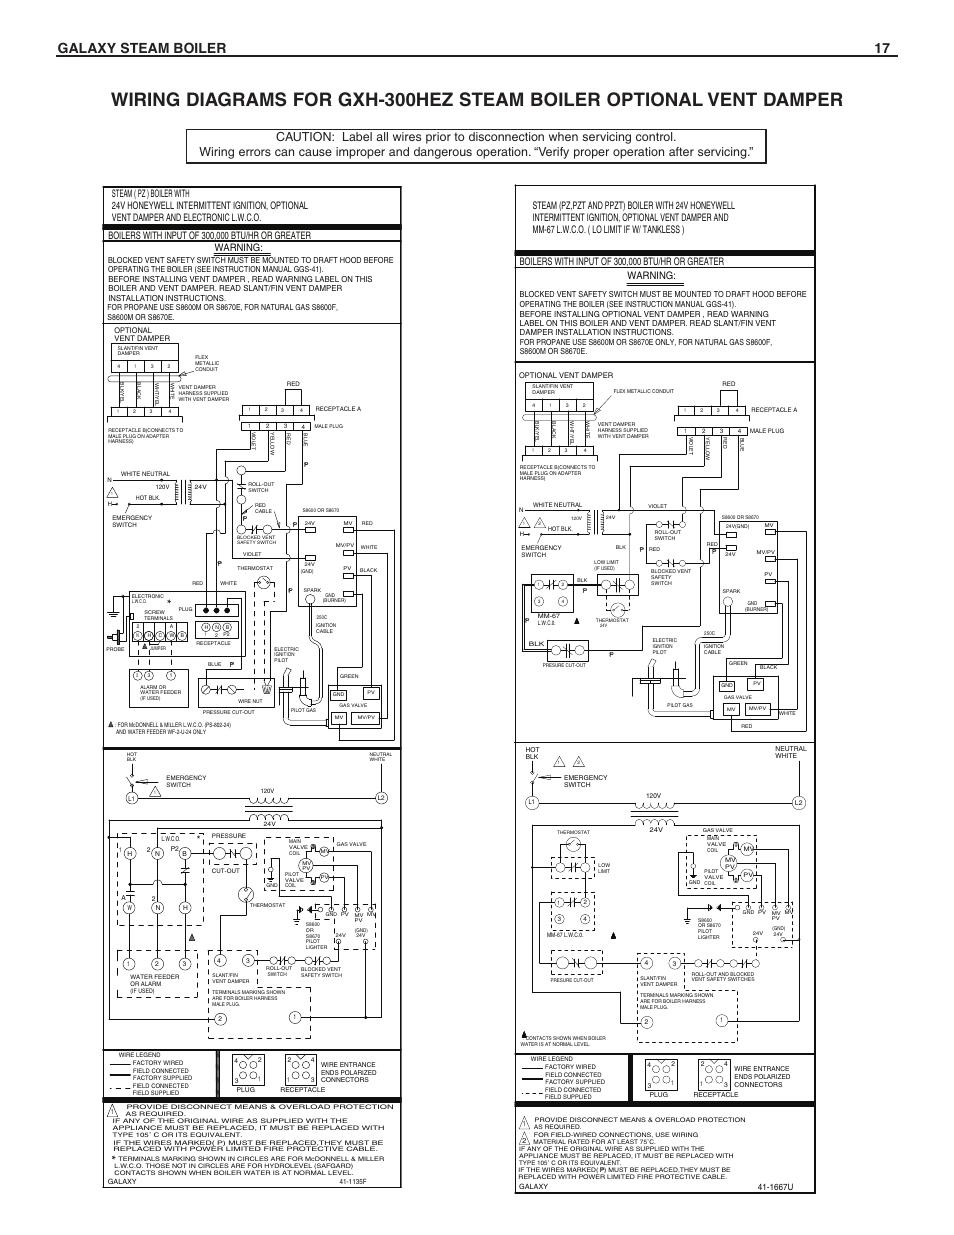 Boiler Wiring Diagrams Gandul 457779119 – Industrial Gas Boiler Wiring Diagram